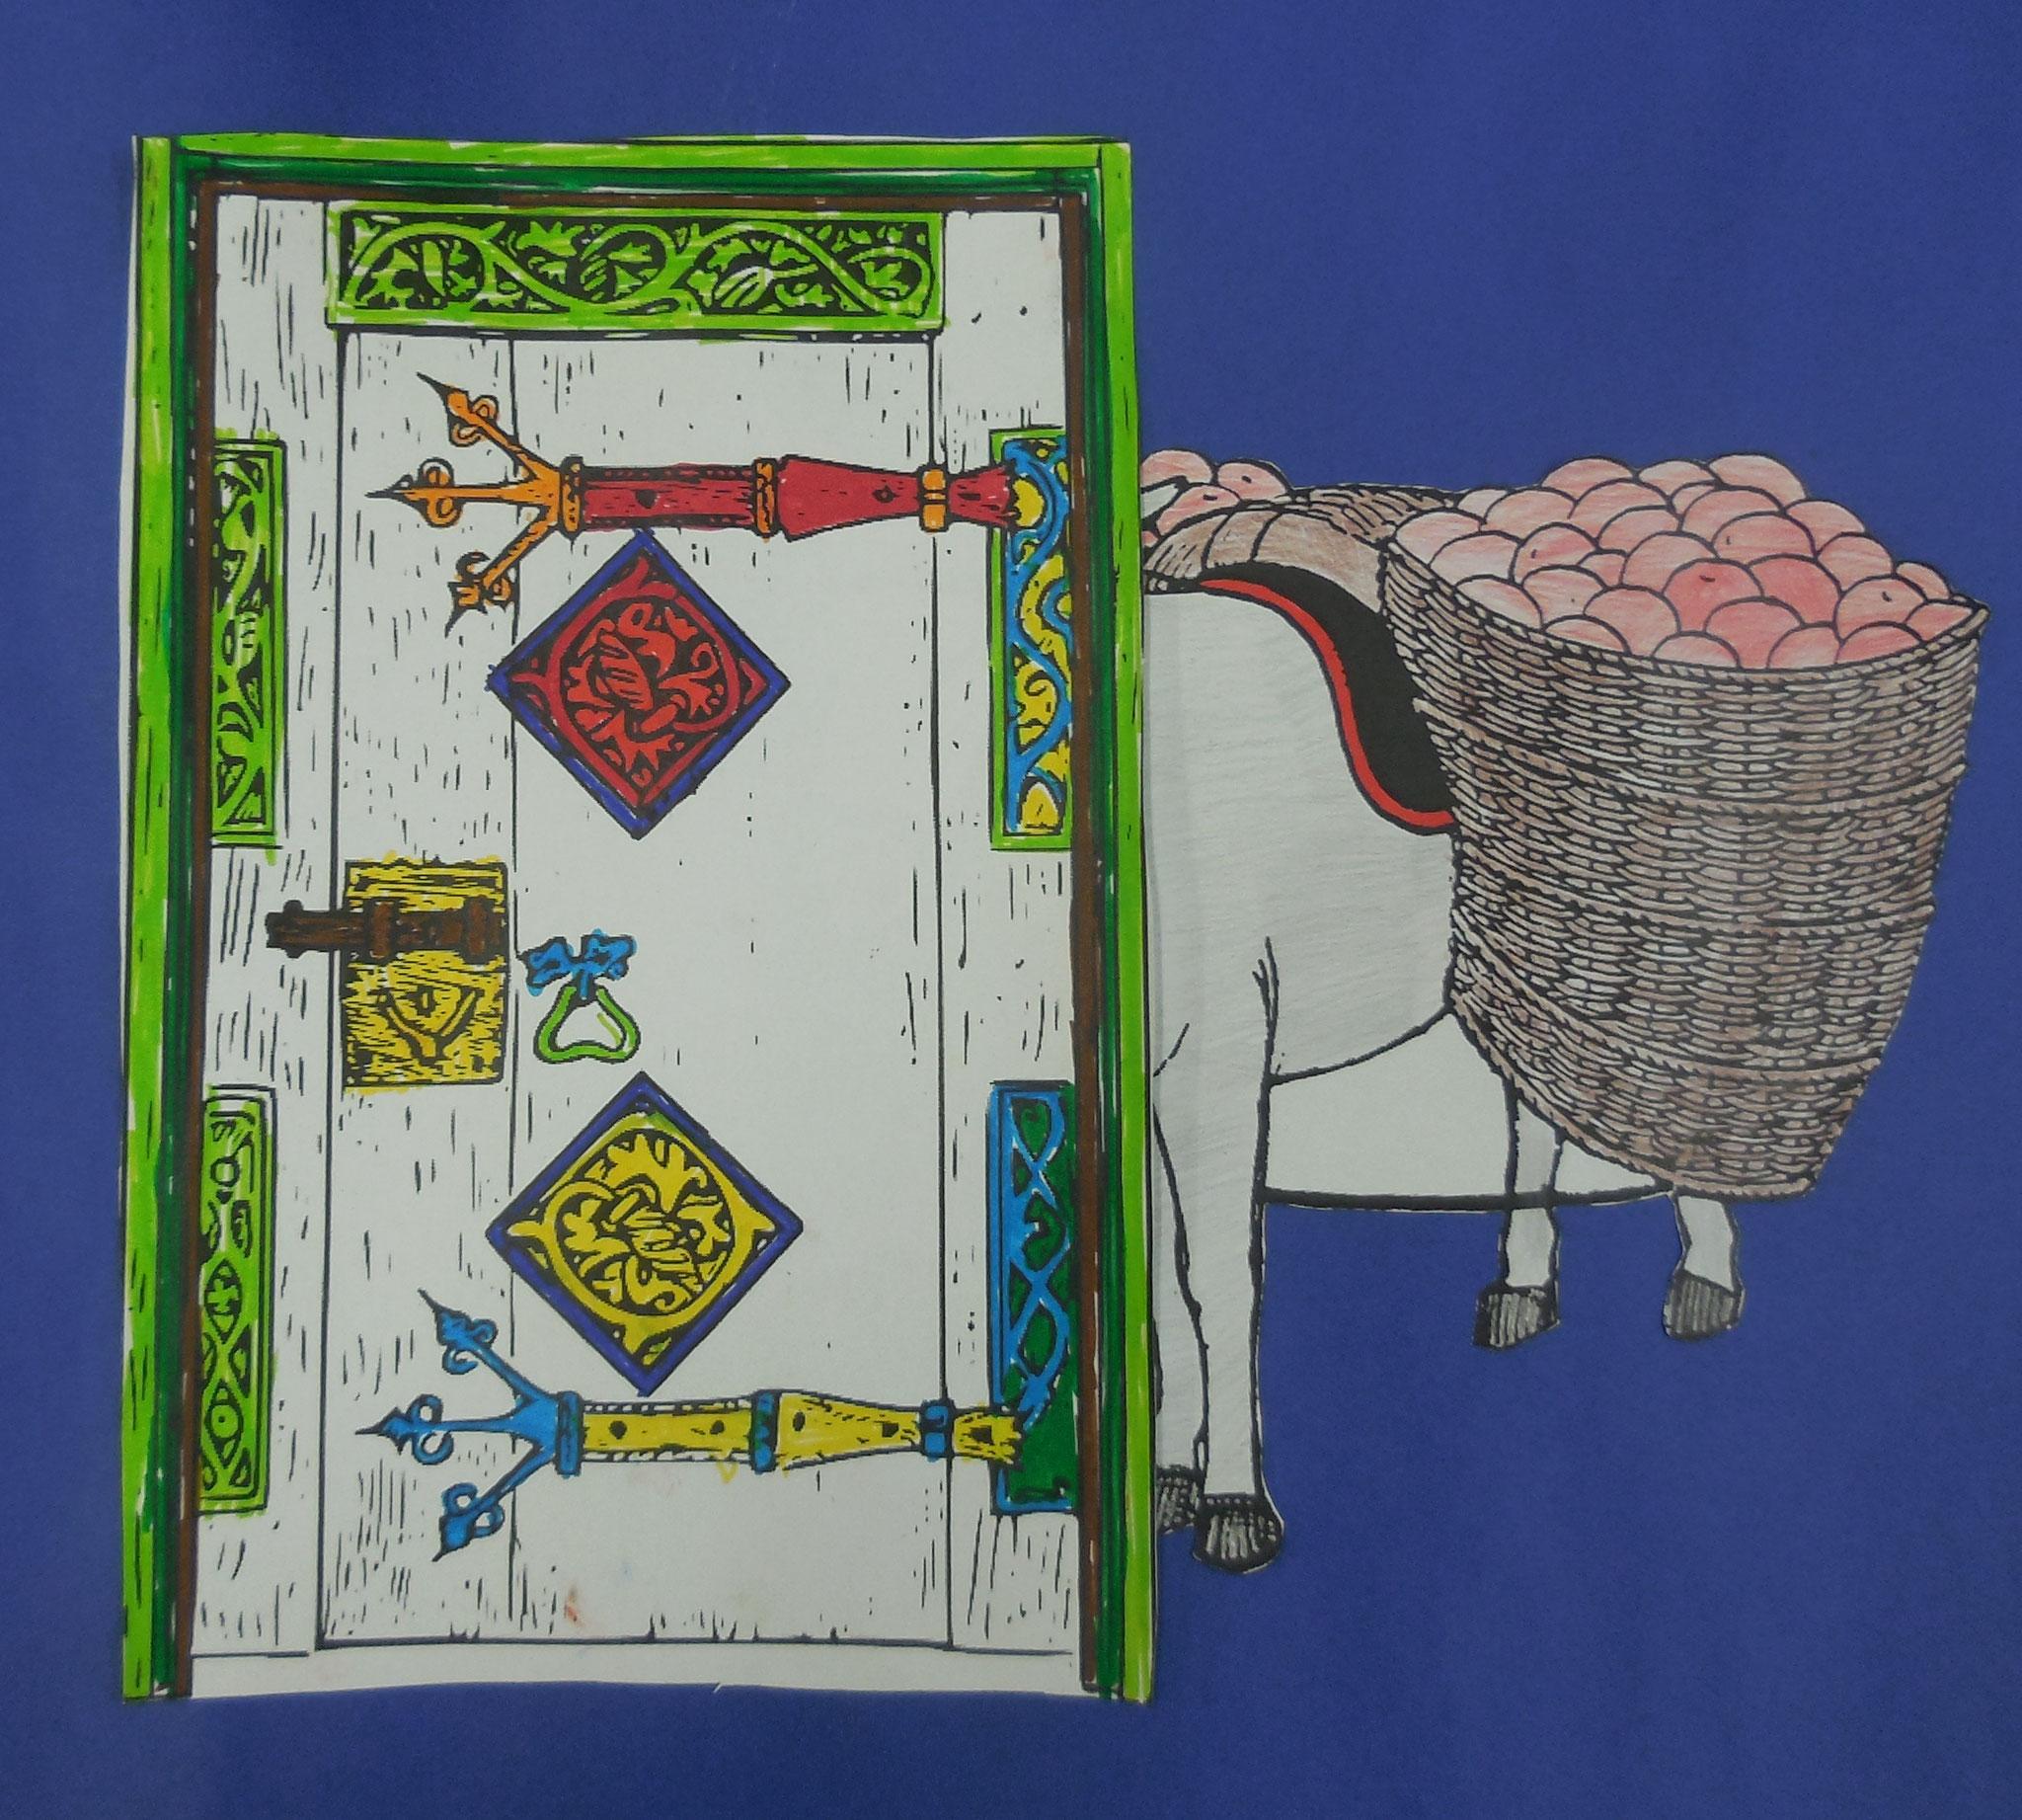 Der Esel passt nicht durch die Tüt, weil es zu viele Äpfel mitgenommen hat.